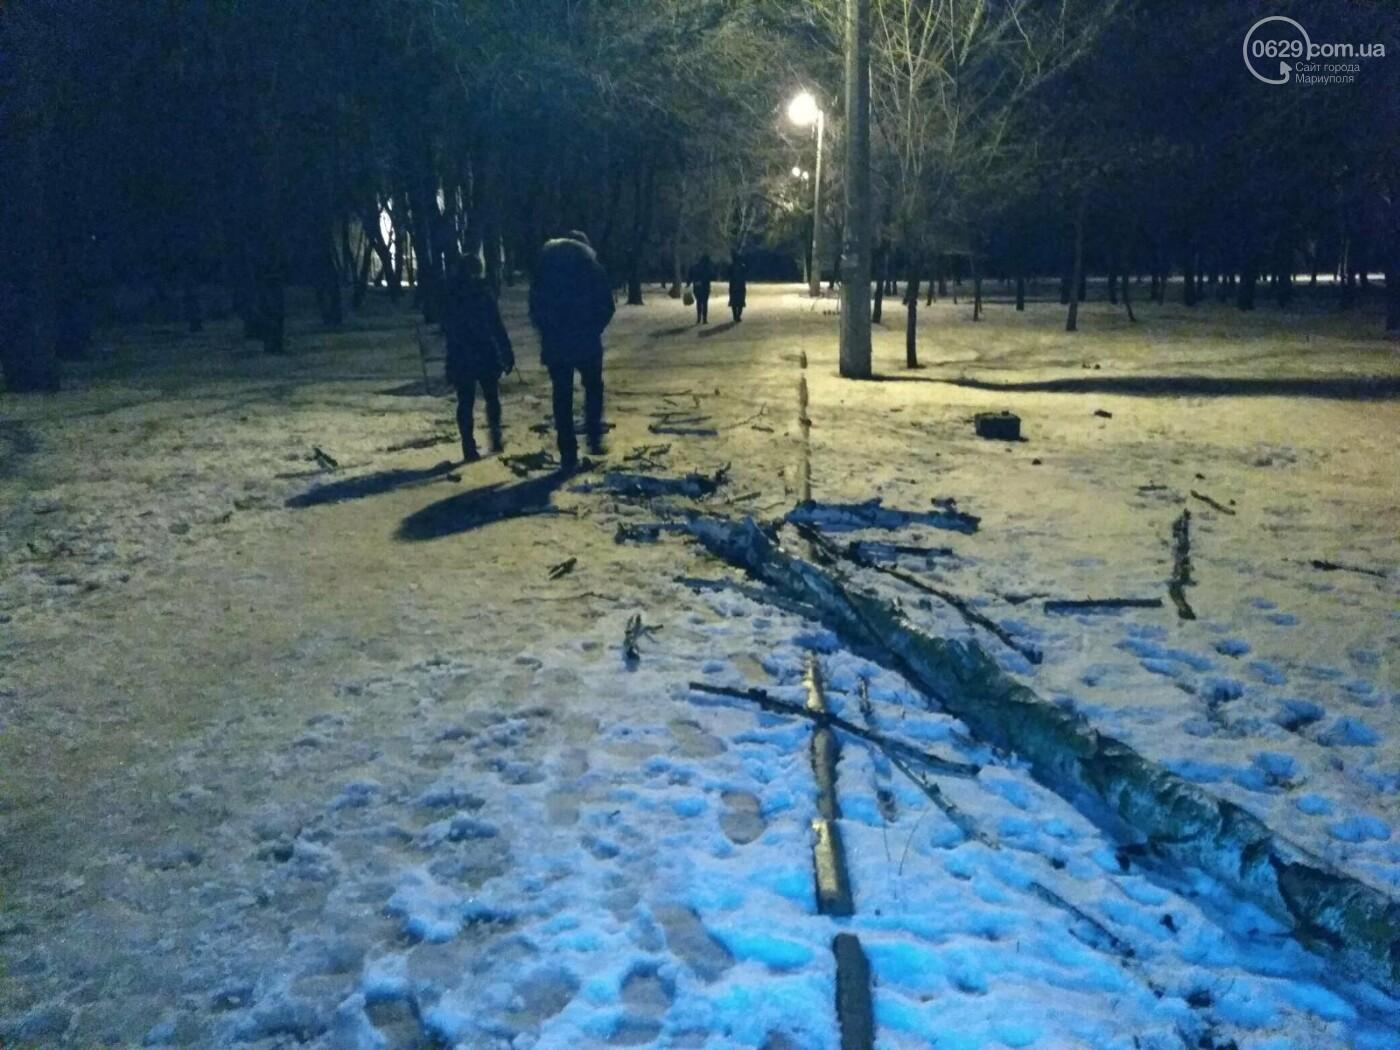 В парке Левобережья рухнула сухая береза, - ФОТОФАКТ, фото-2